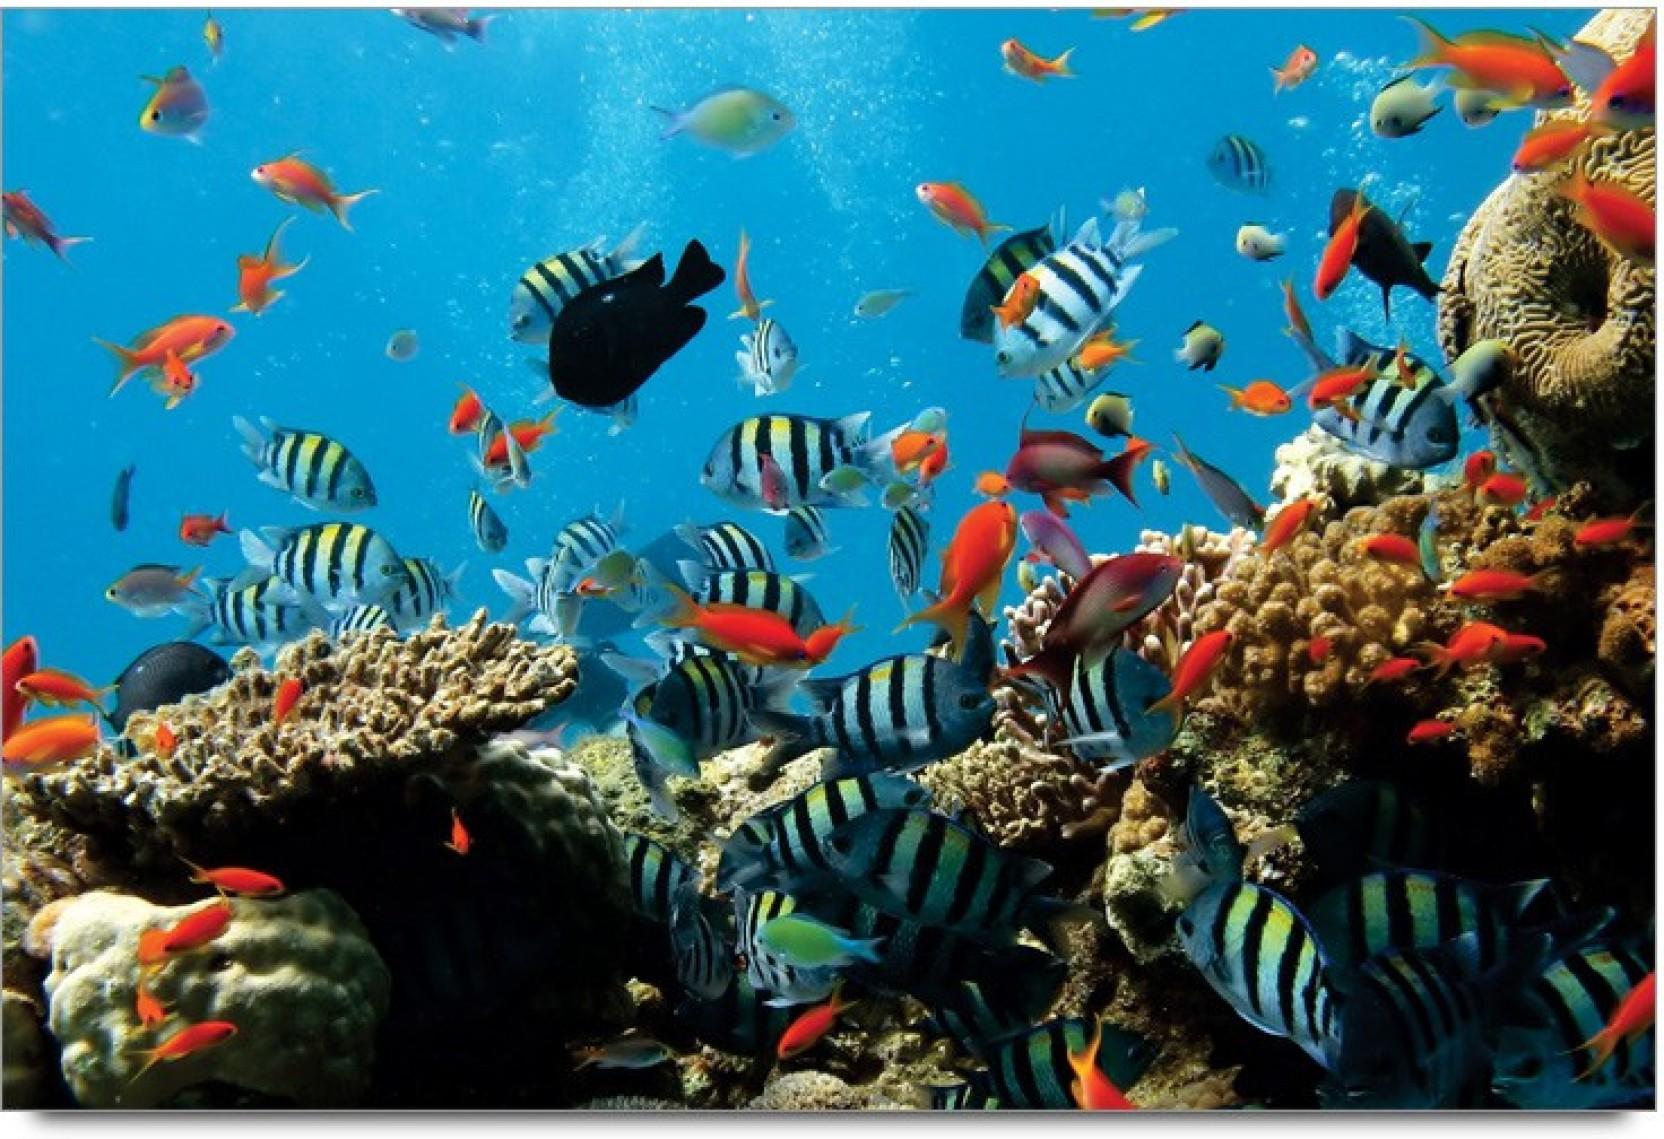 Amy Colorful Aquarium 3d Poster Nature Posters In India Buy Art Film Design Movie Music